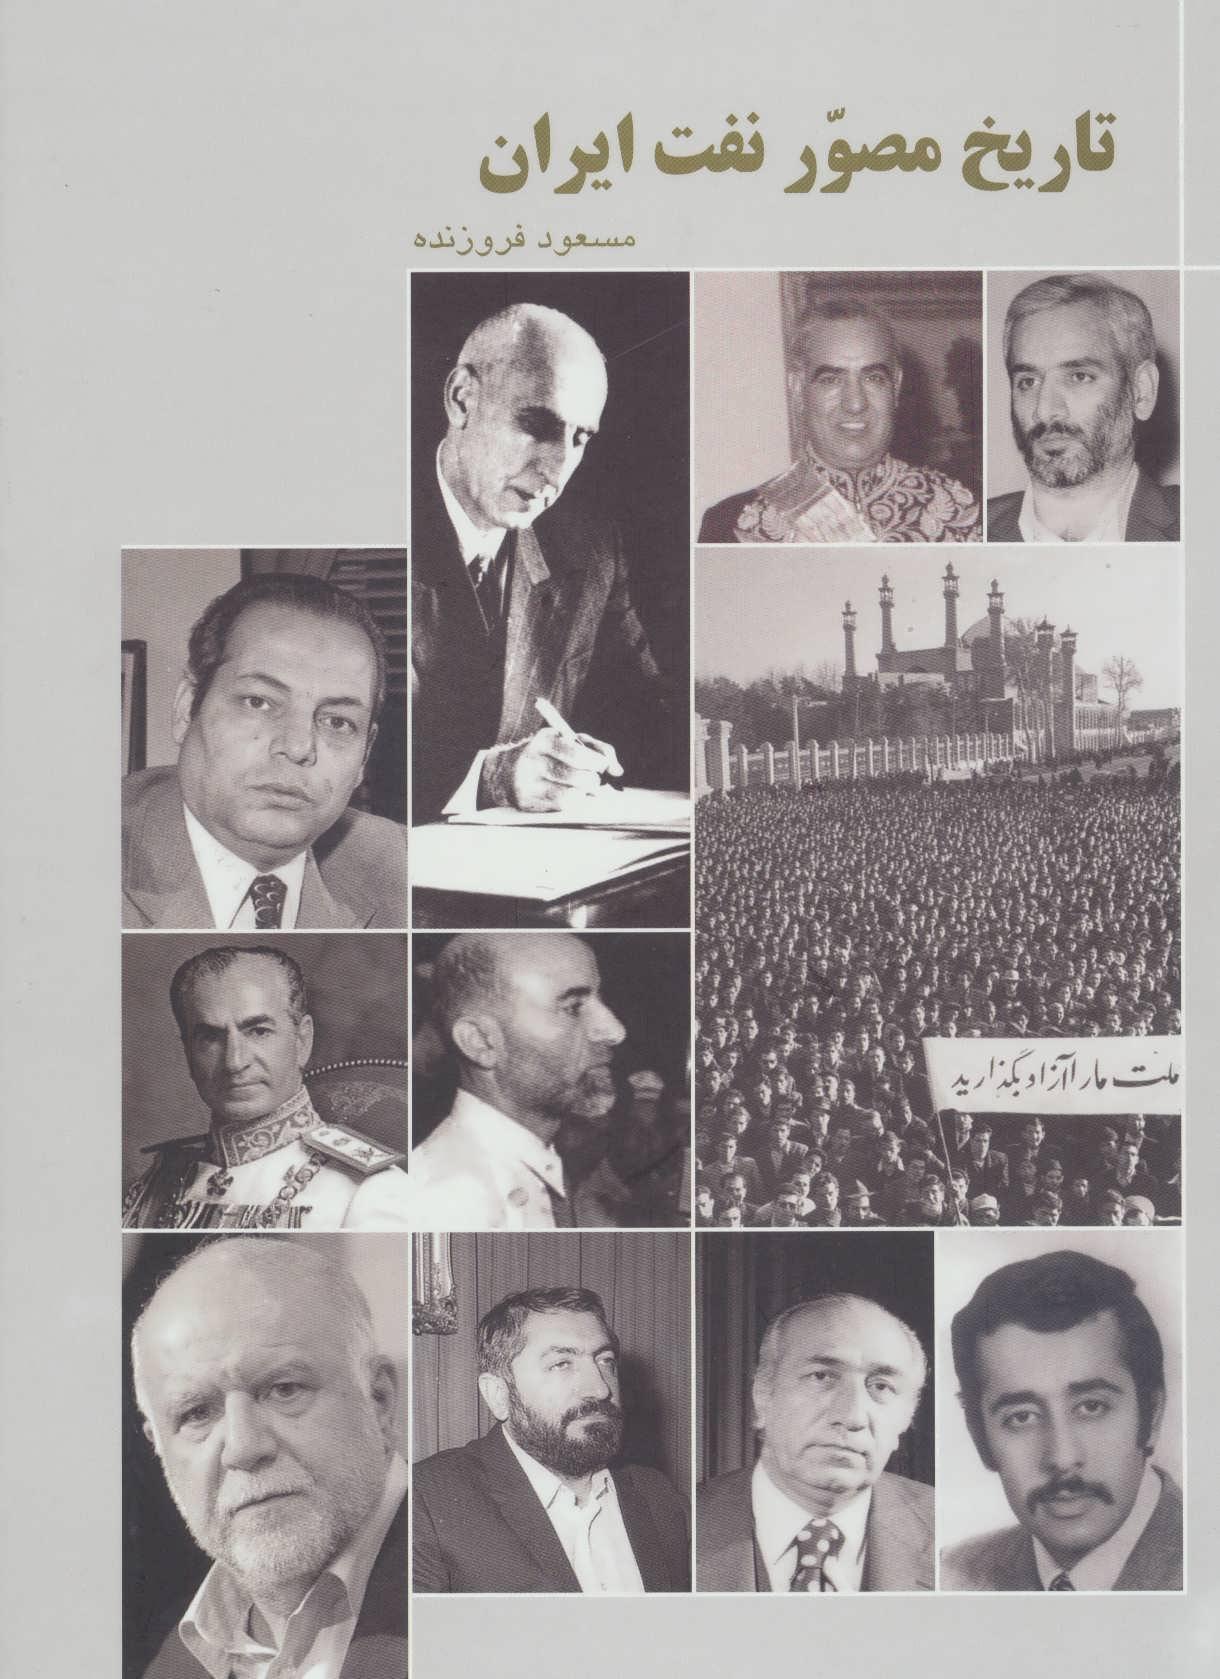 کتاب تاریخ مصور نفت ایران